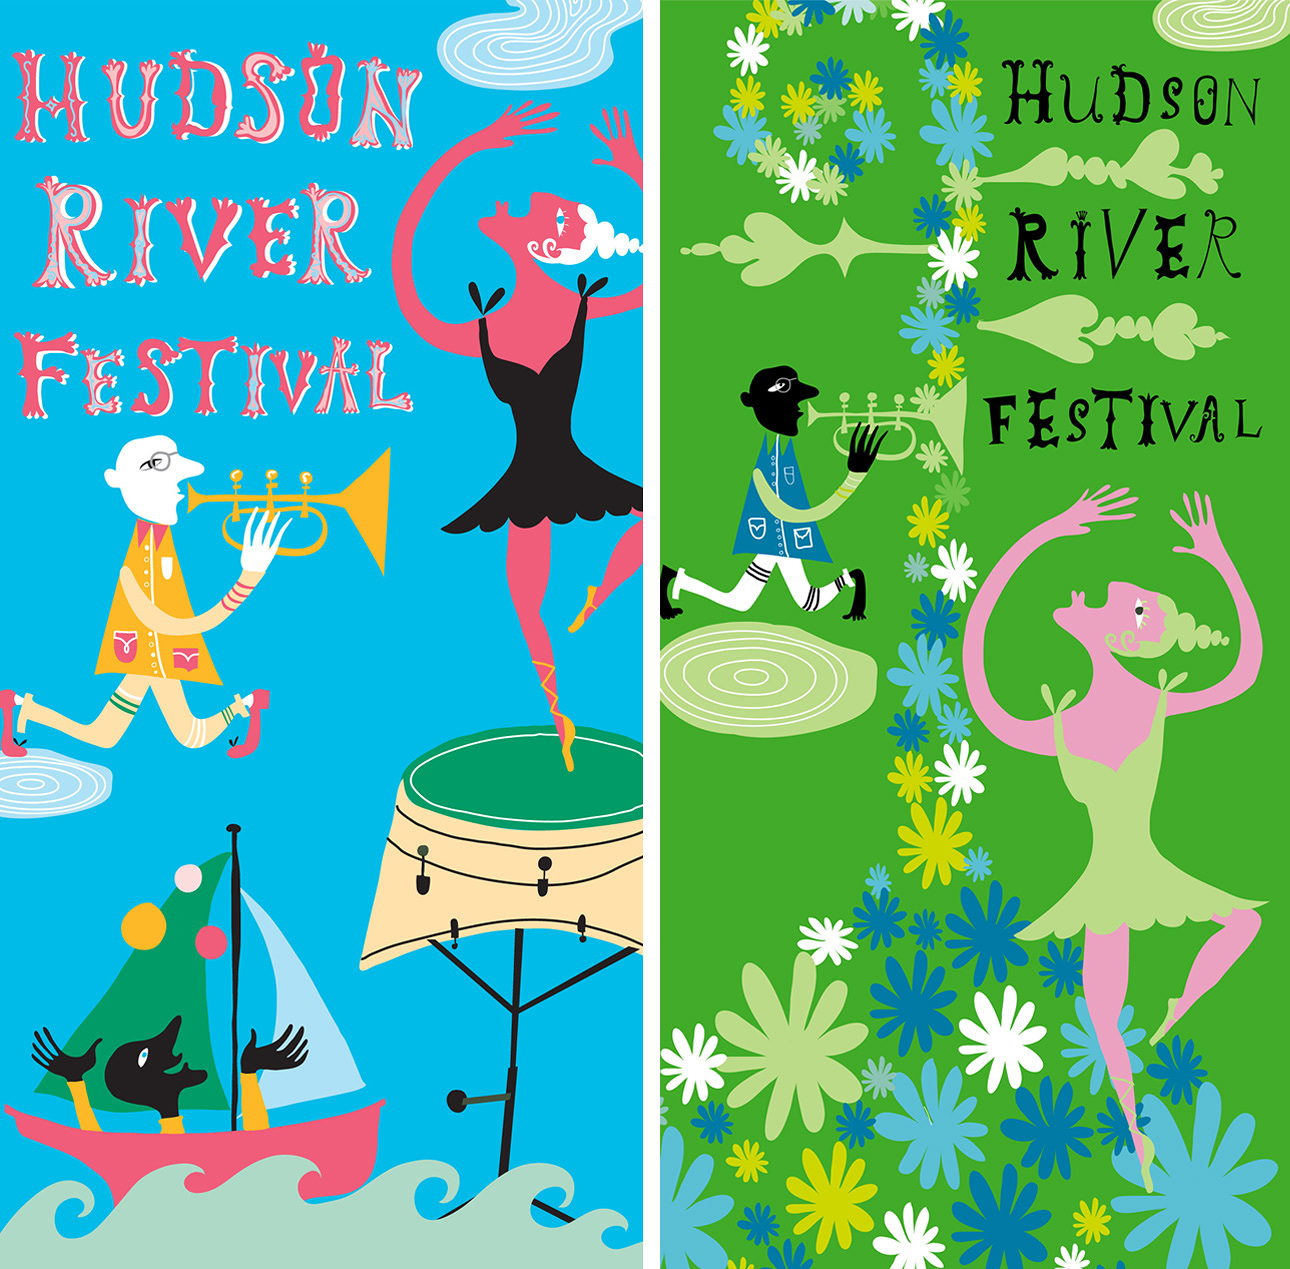 Hudson River Festival